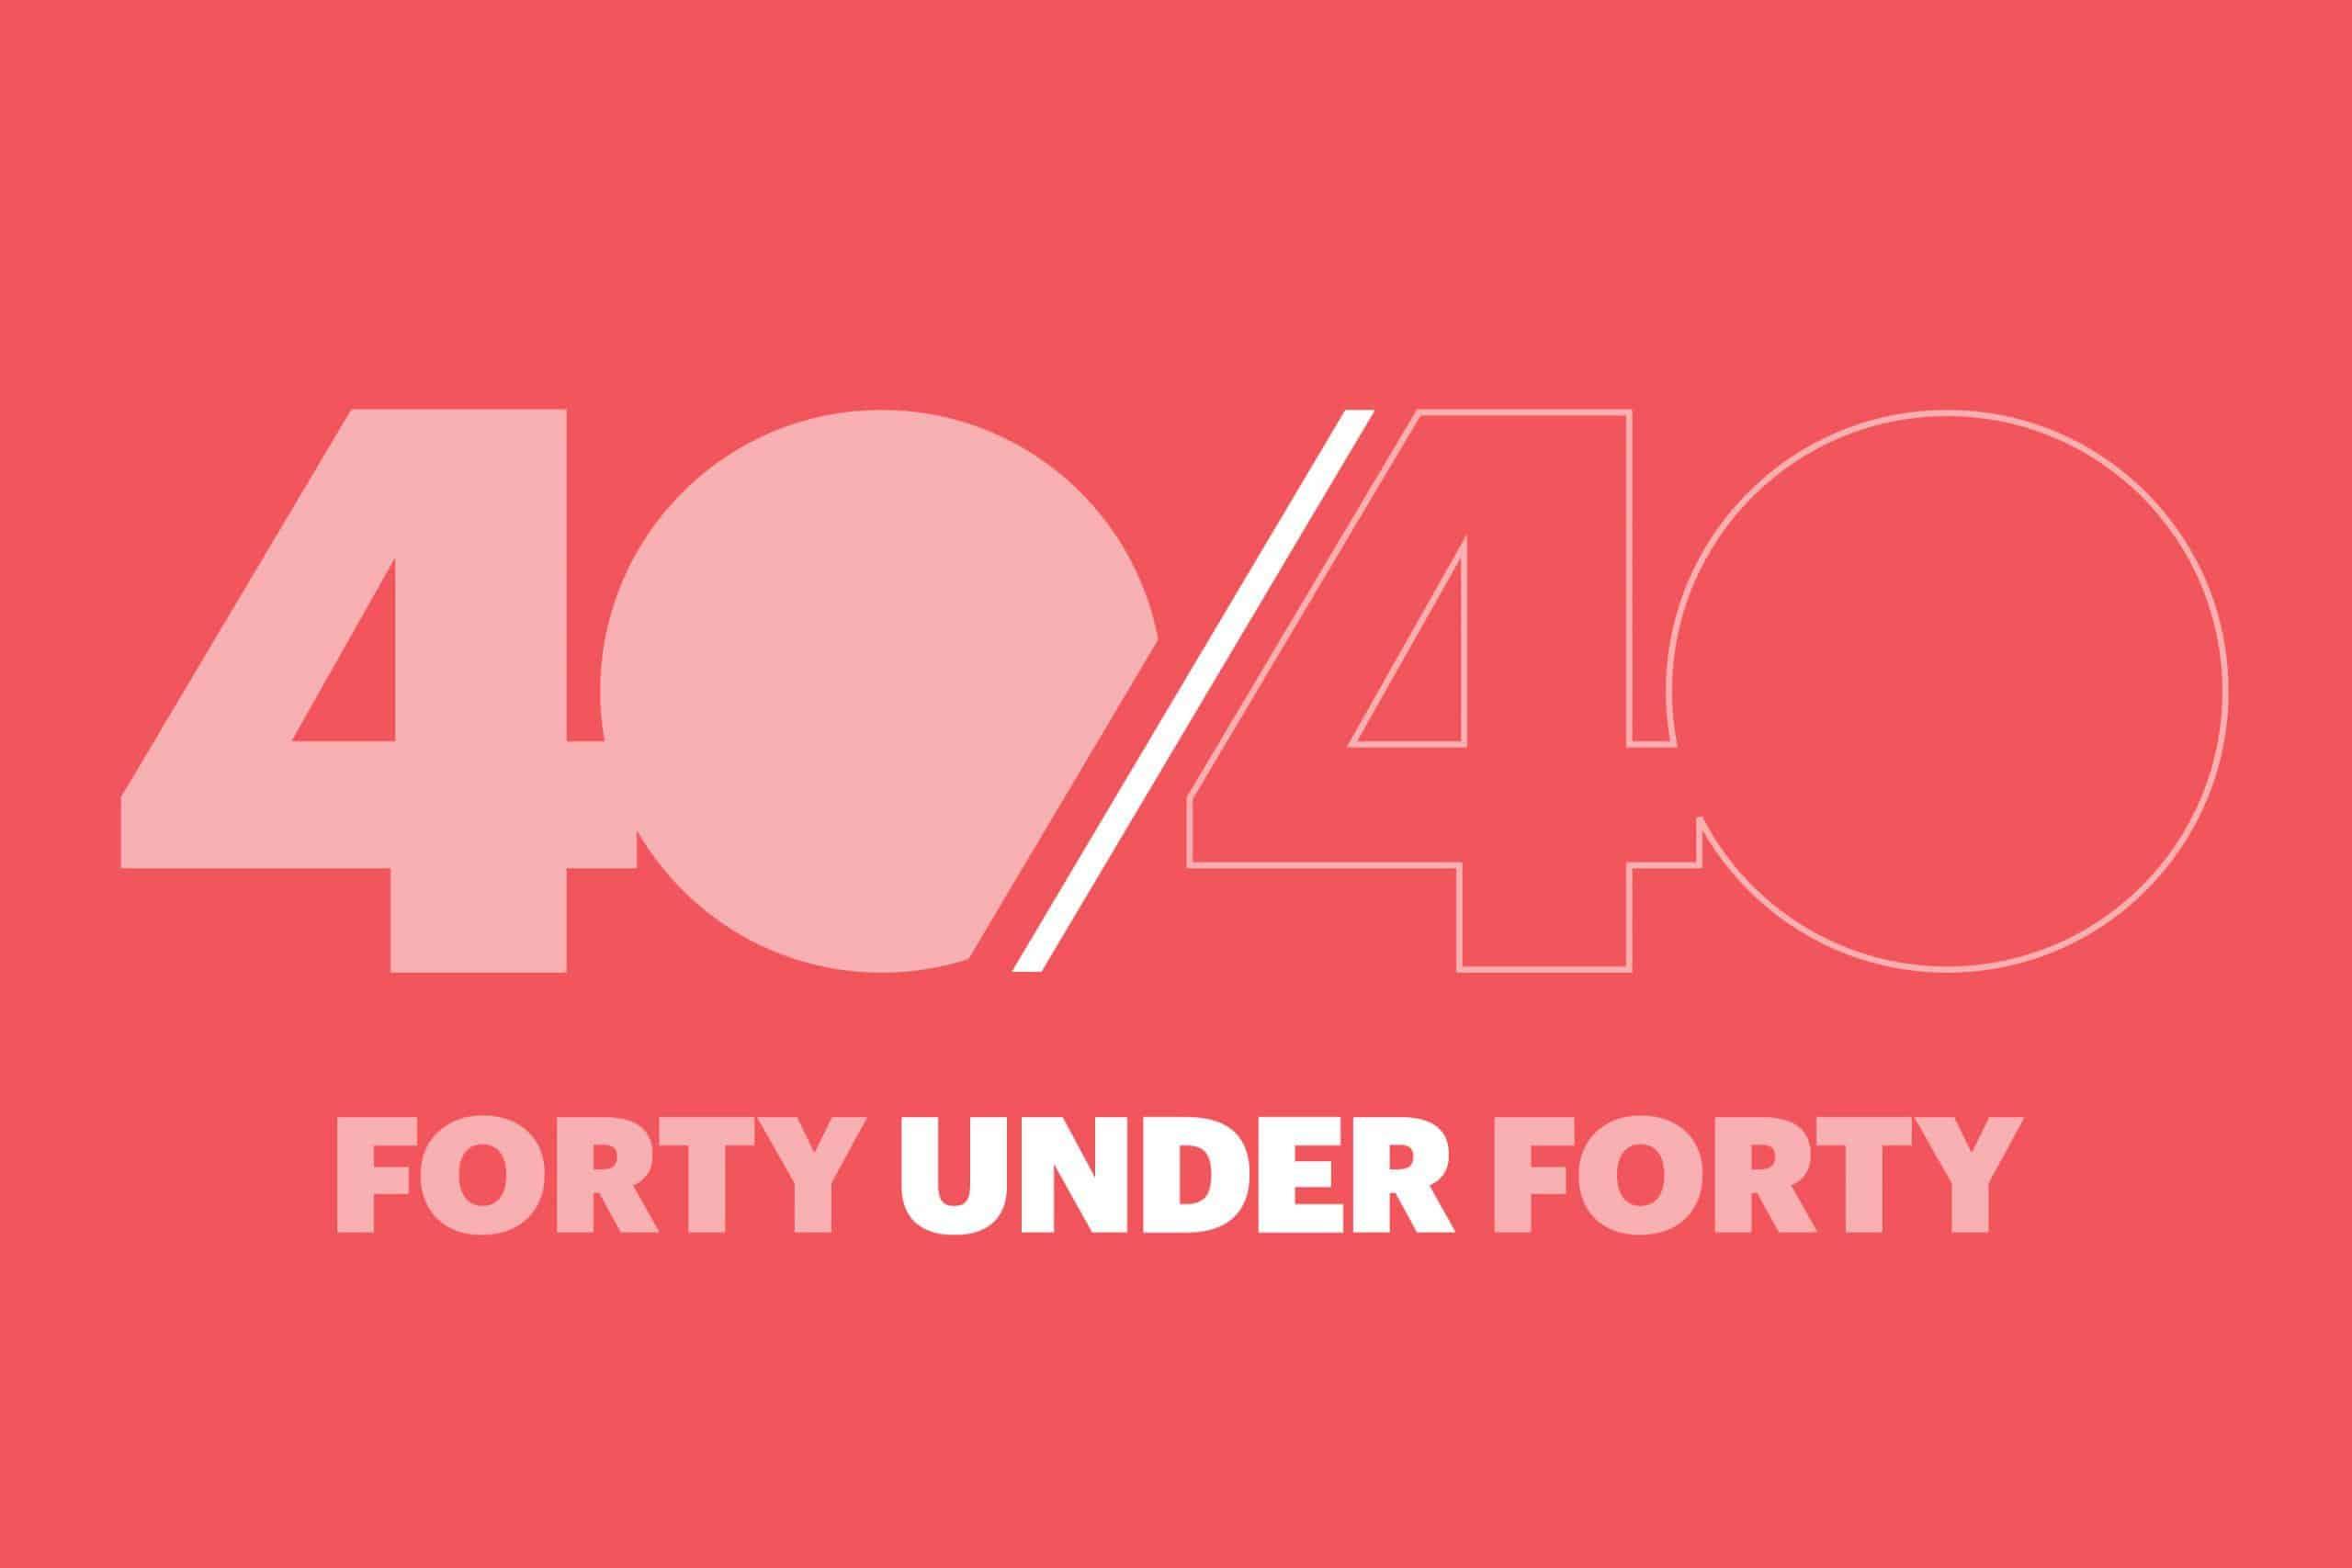 Fortune 40/40